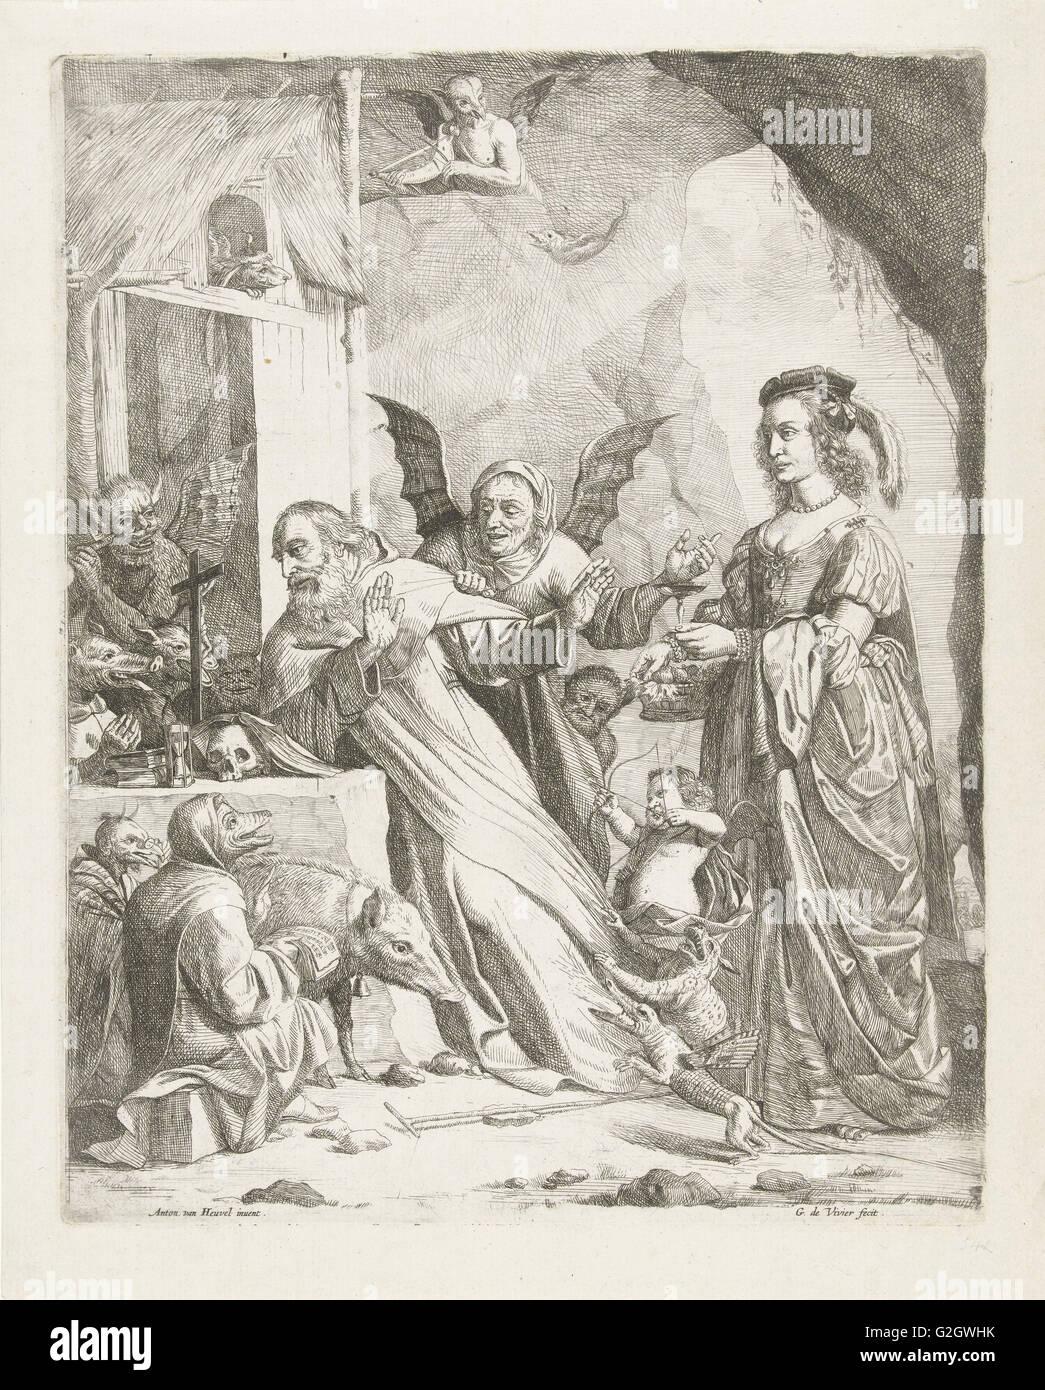 La Tentation de Saint Antoine, Guillaume Duvivier (17e eeuw), ch. 1660 - c. 1670 Photo Stock